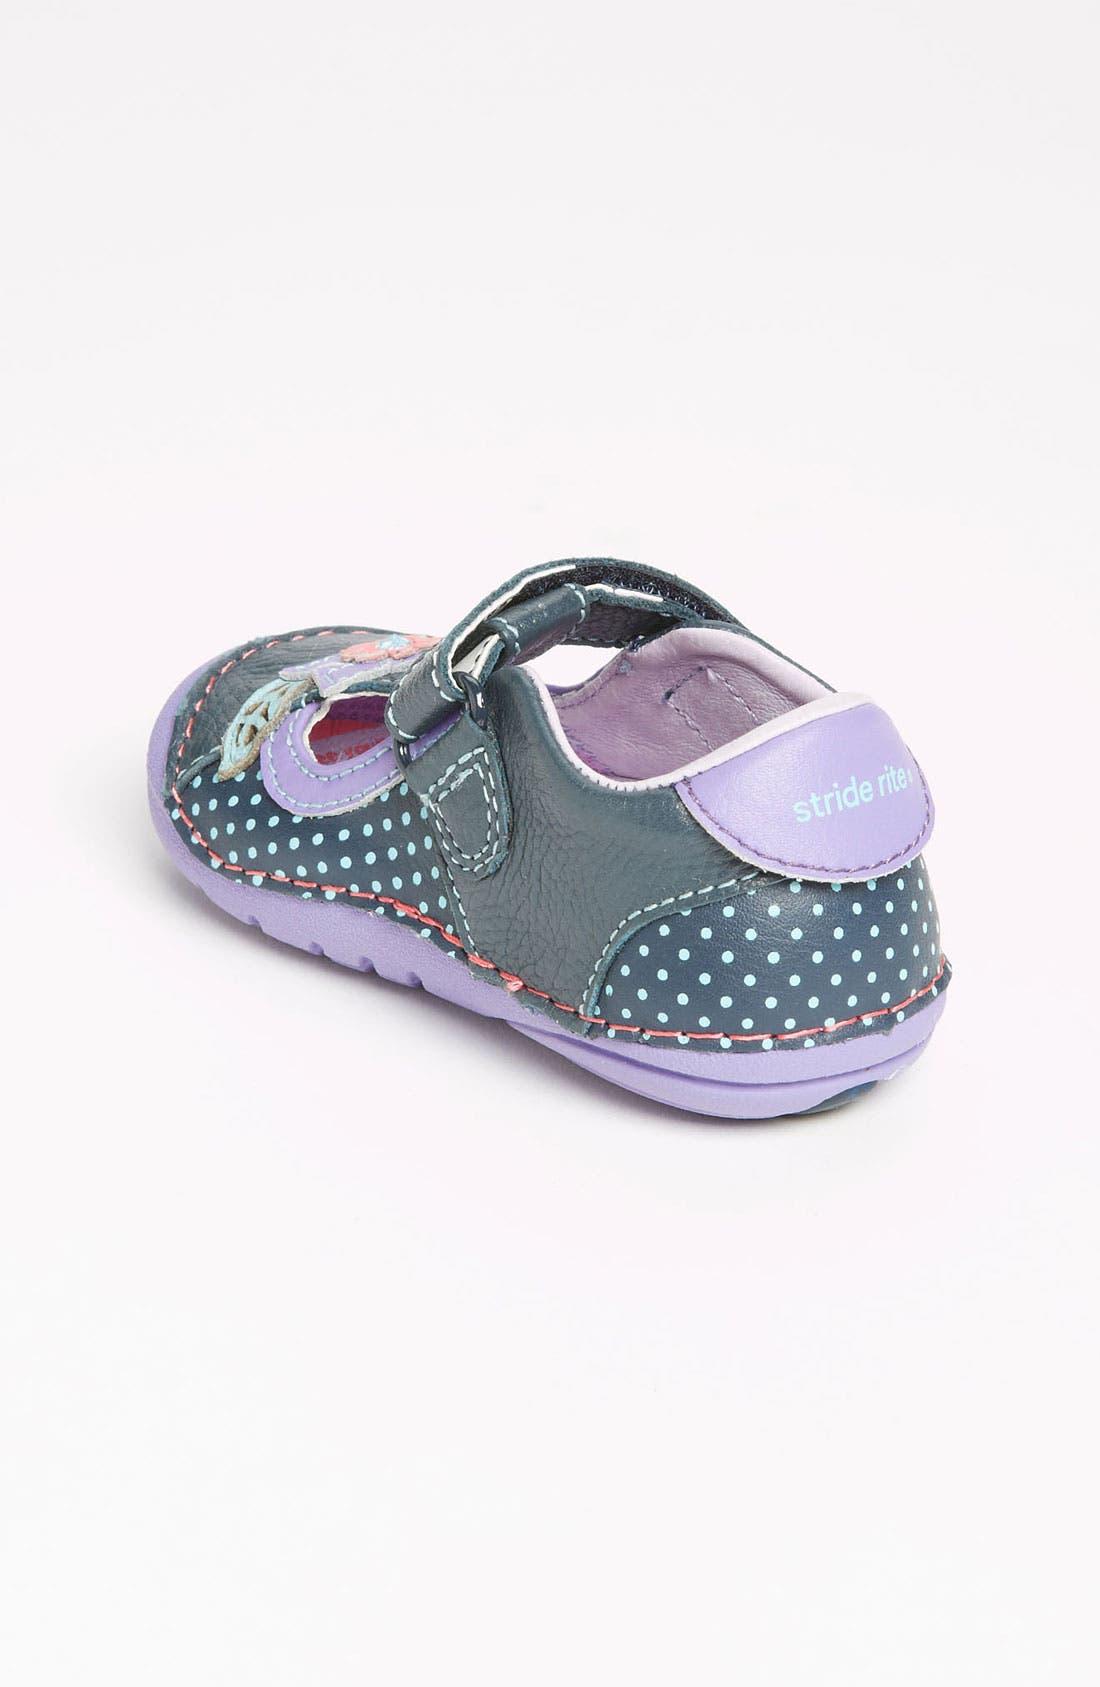 Alternate Image 2  - Stride Rite 'Viola' Sneaker (Baby & Walker)